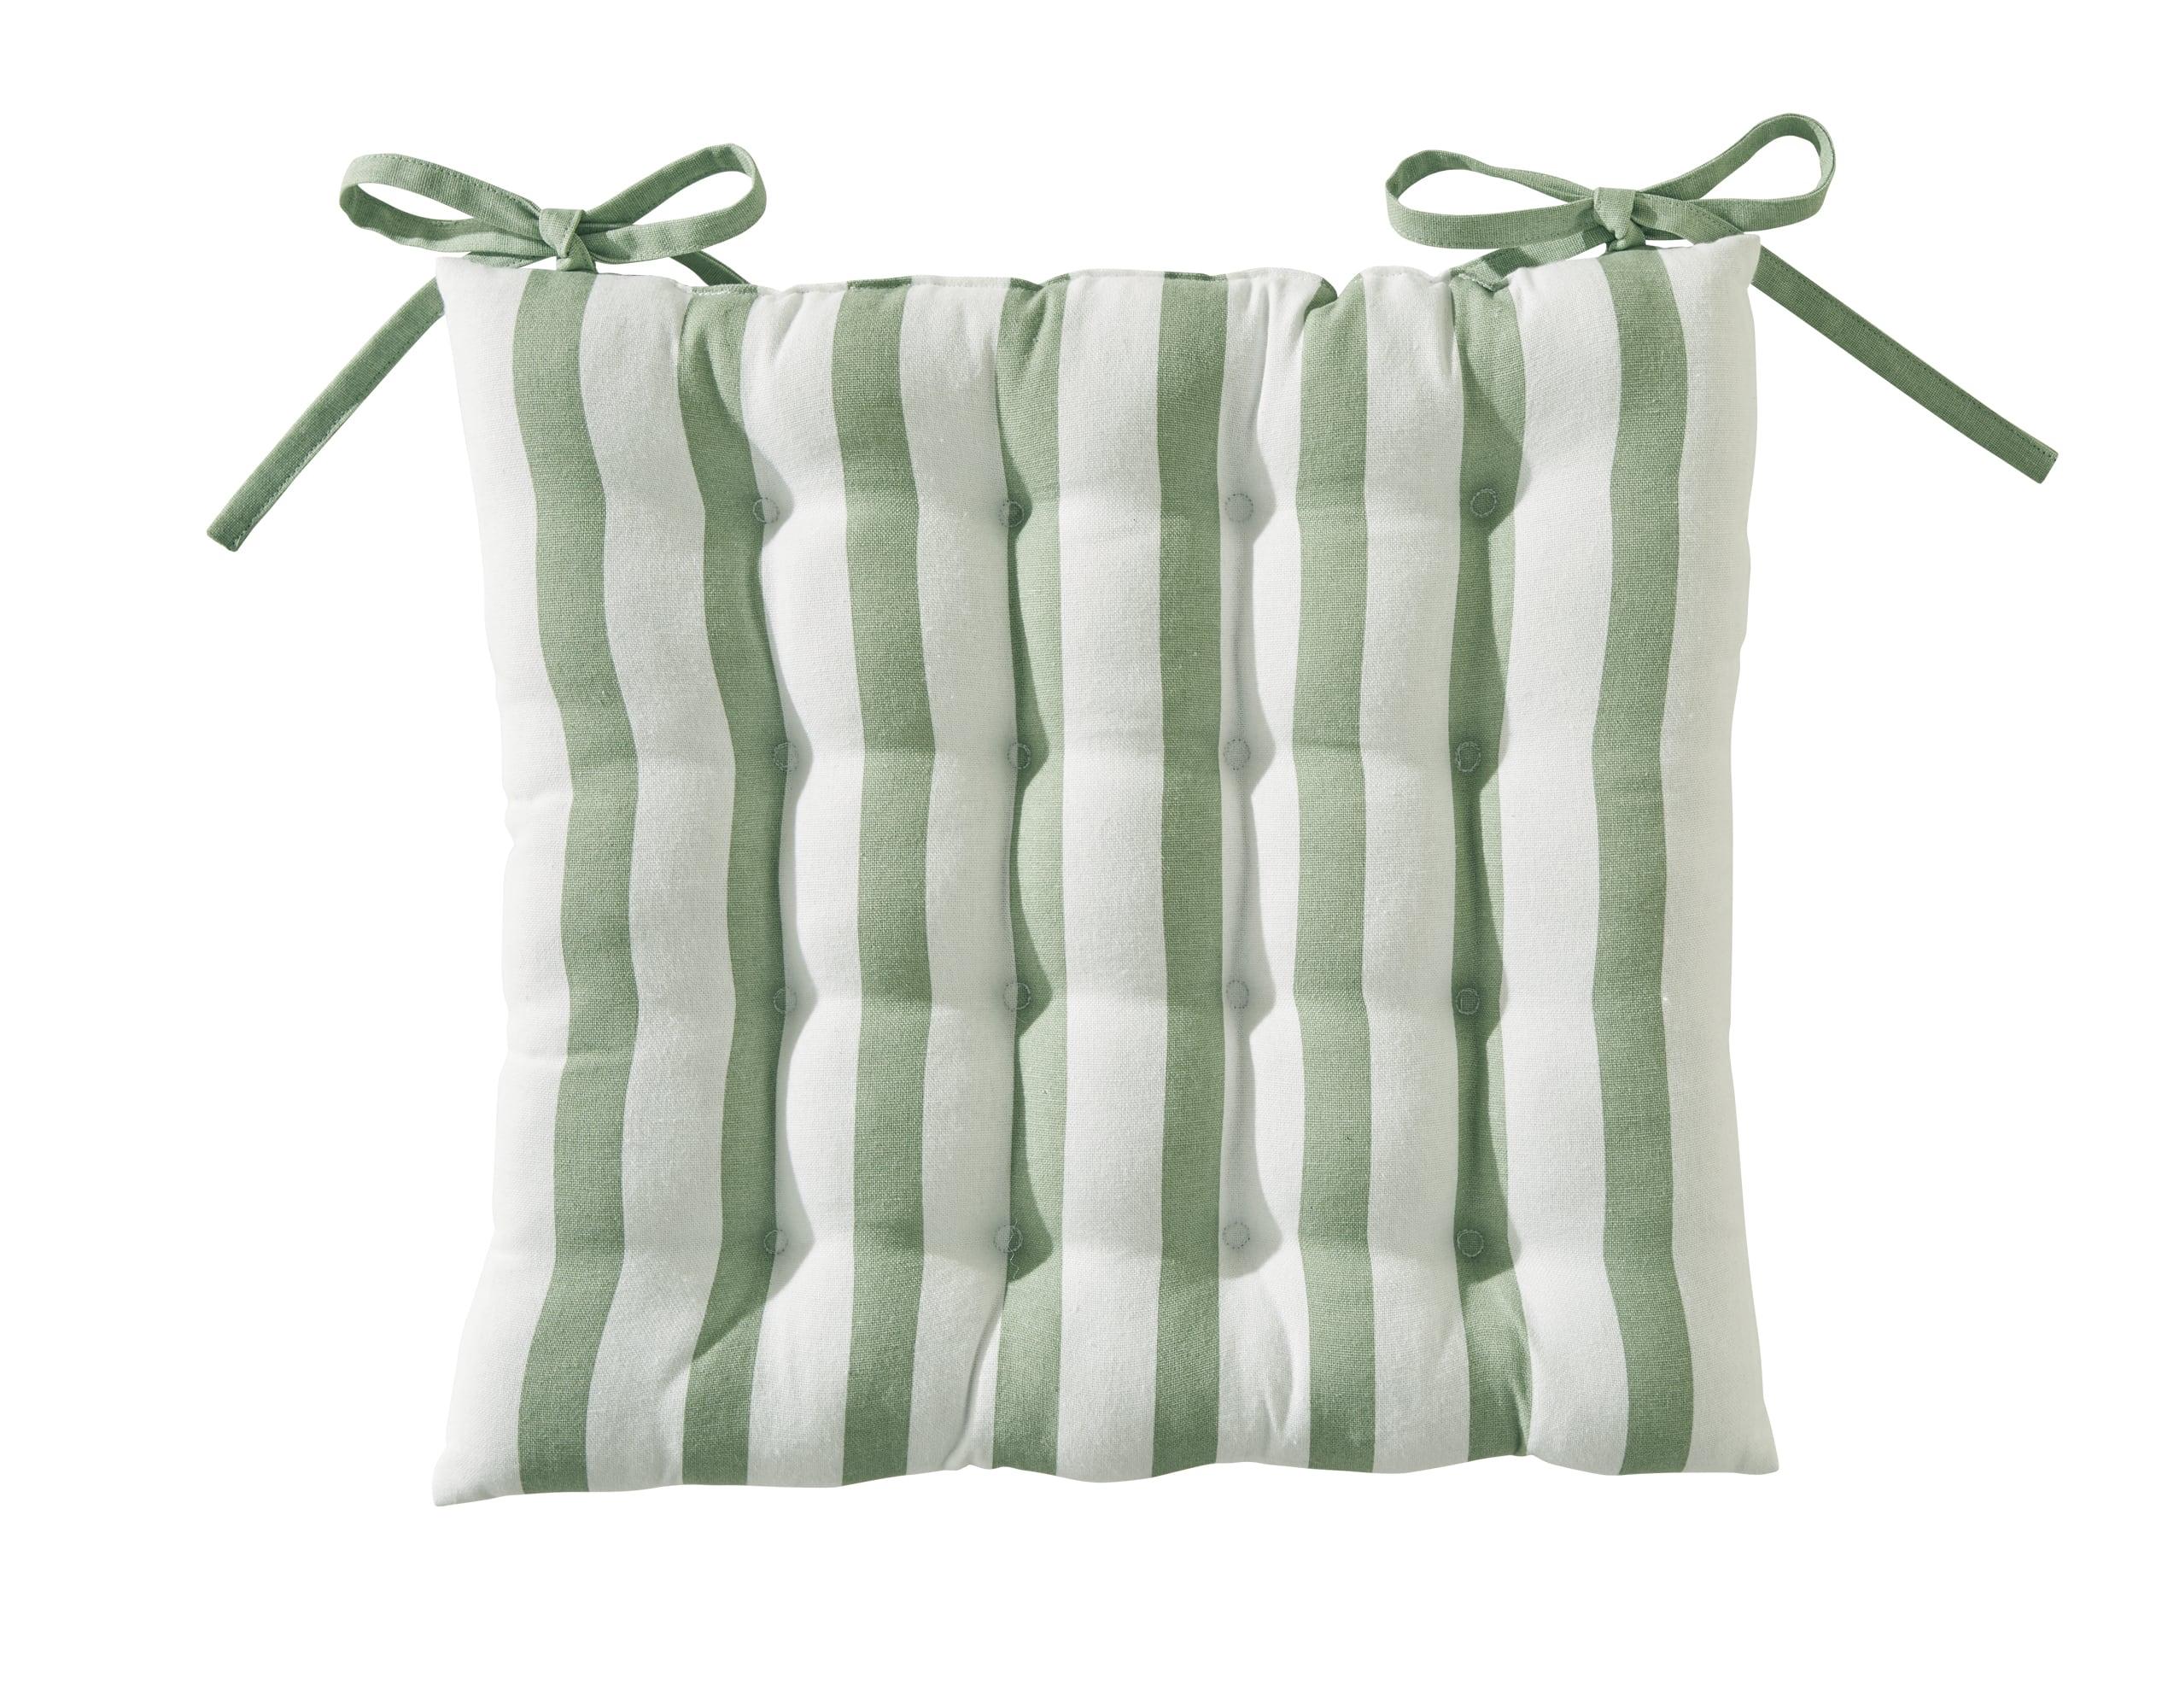 Galette de chaise réversible vert 40x40 en coton